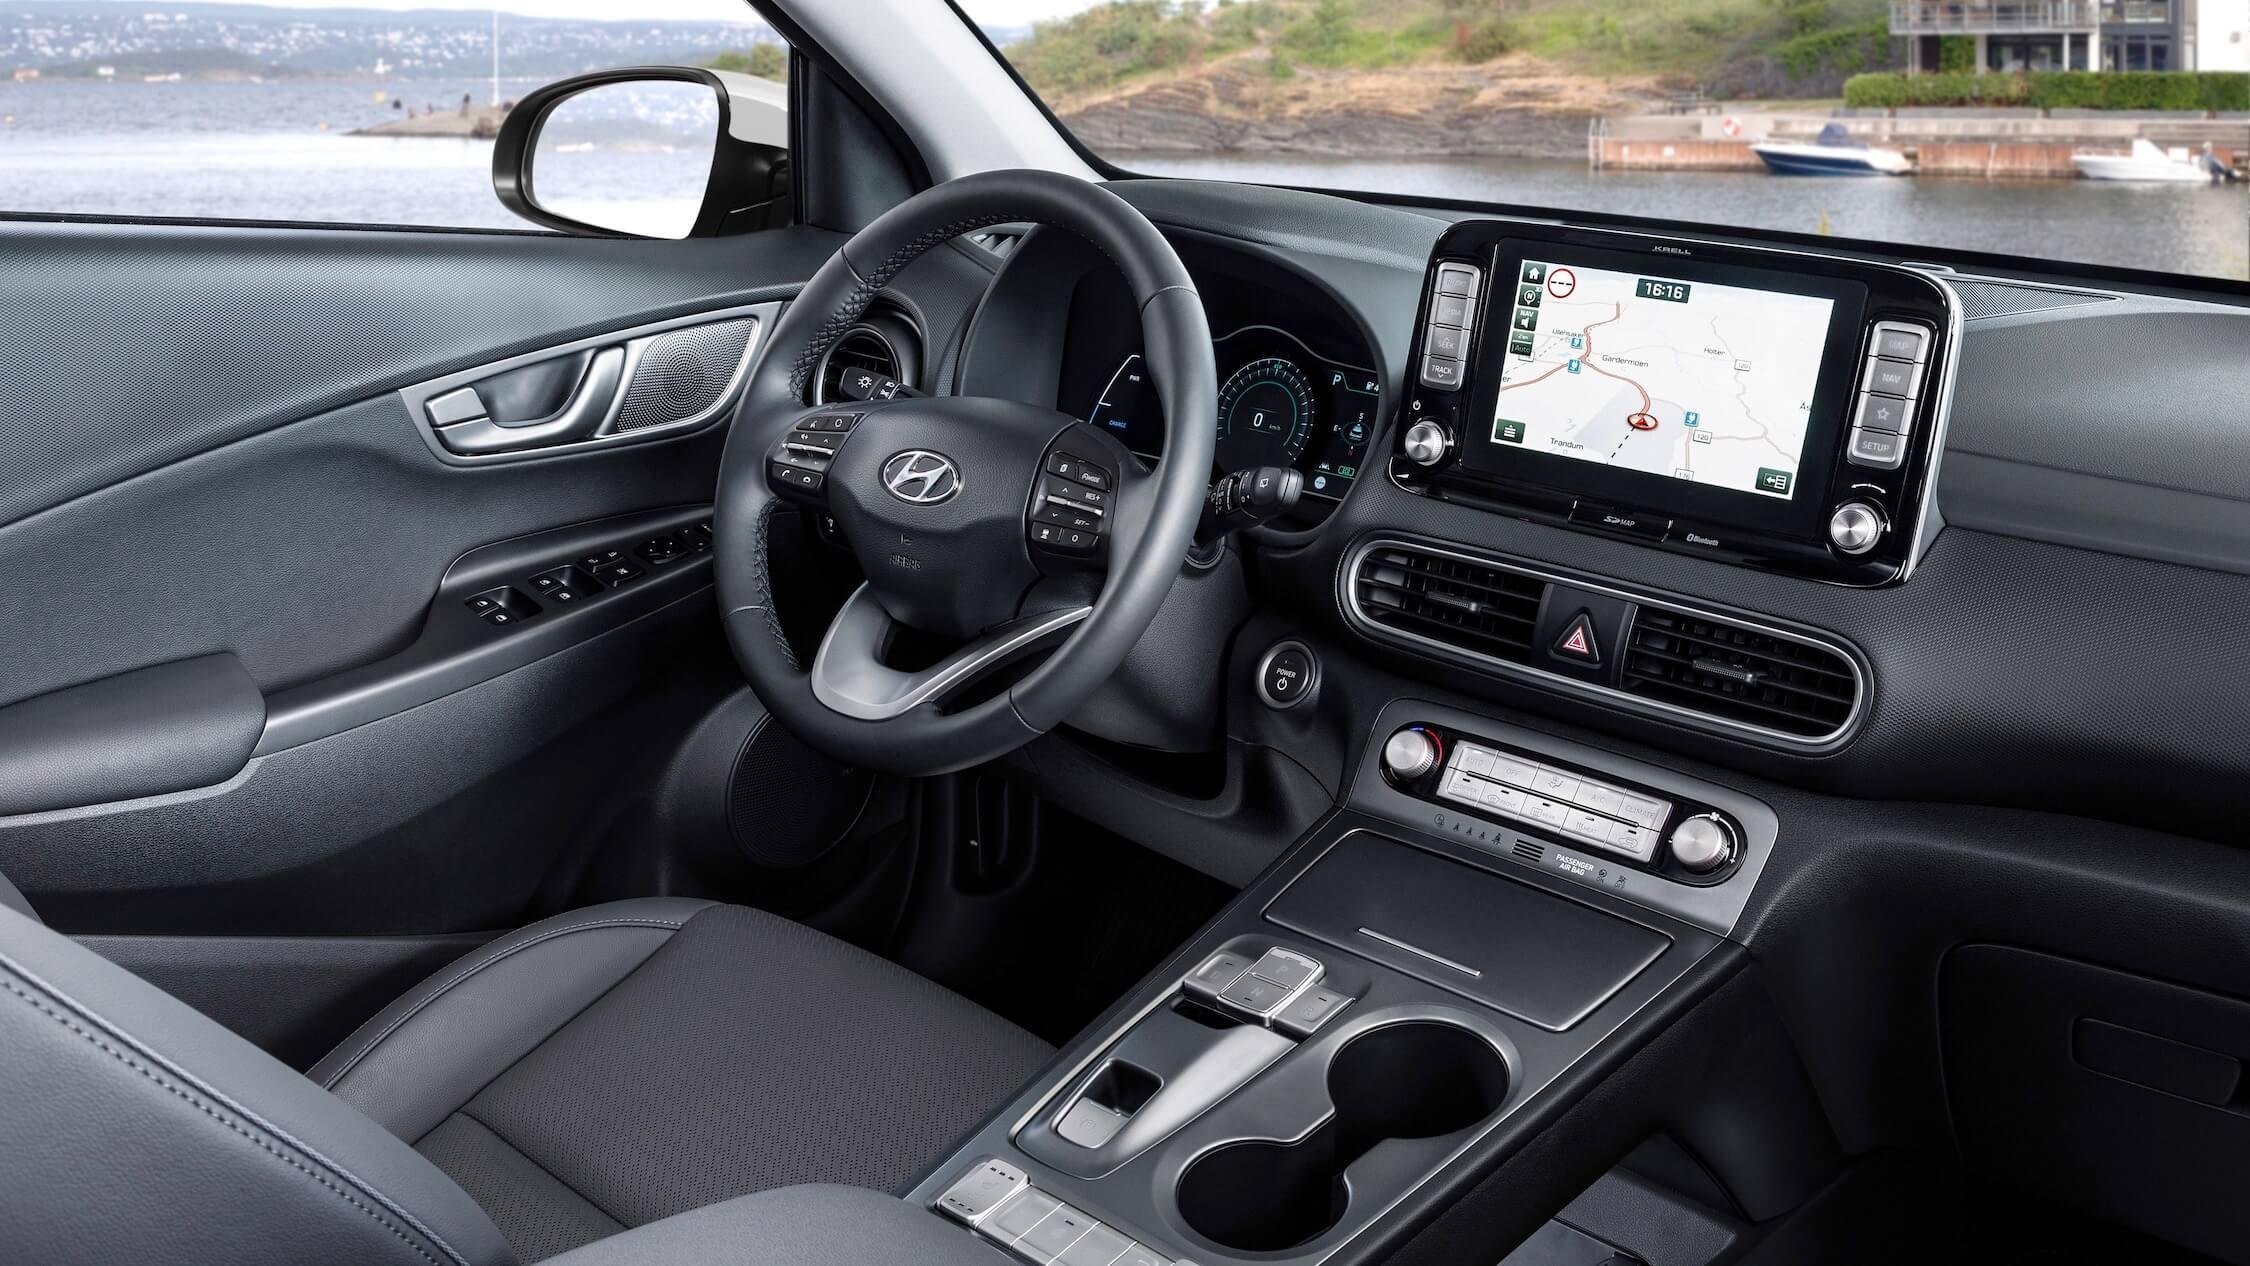 Hyundai Kona EV dashboard